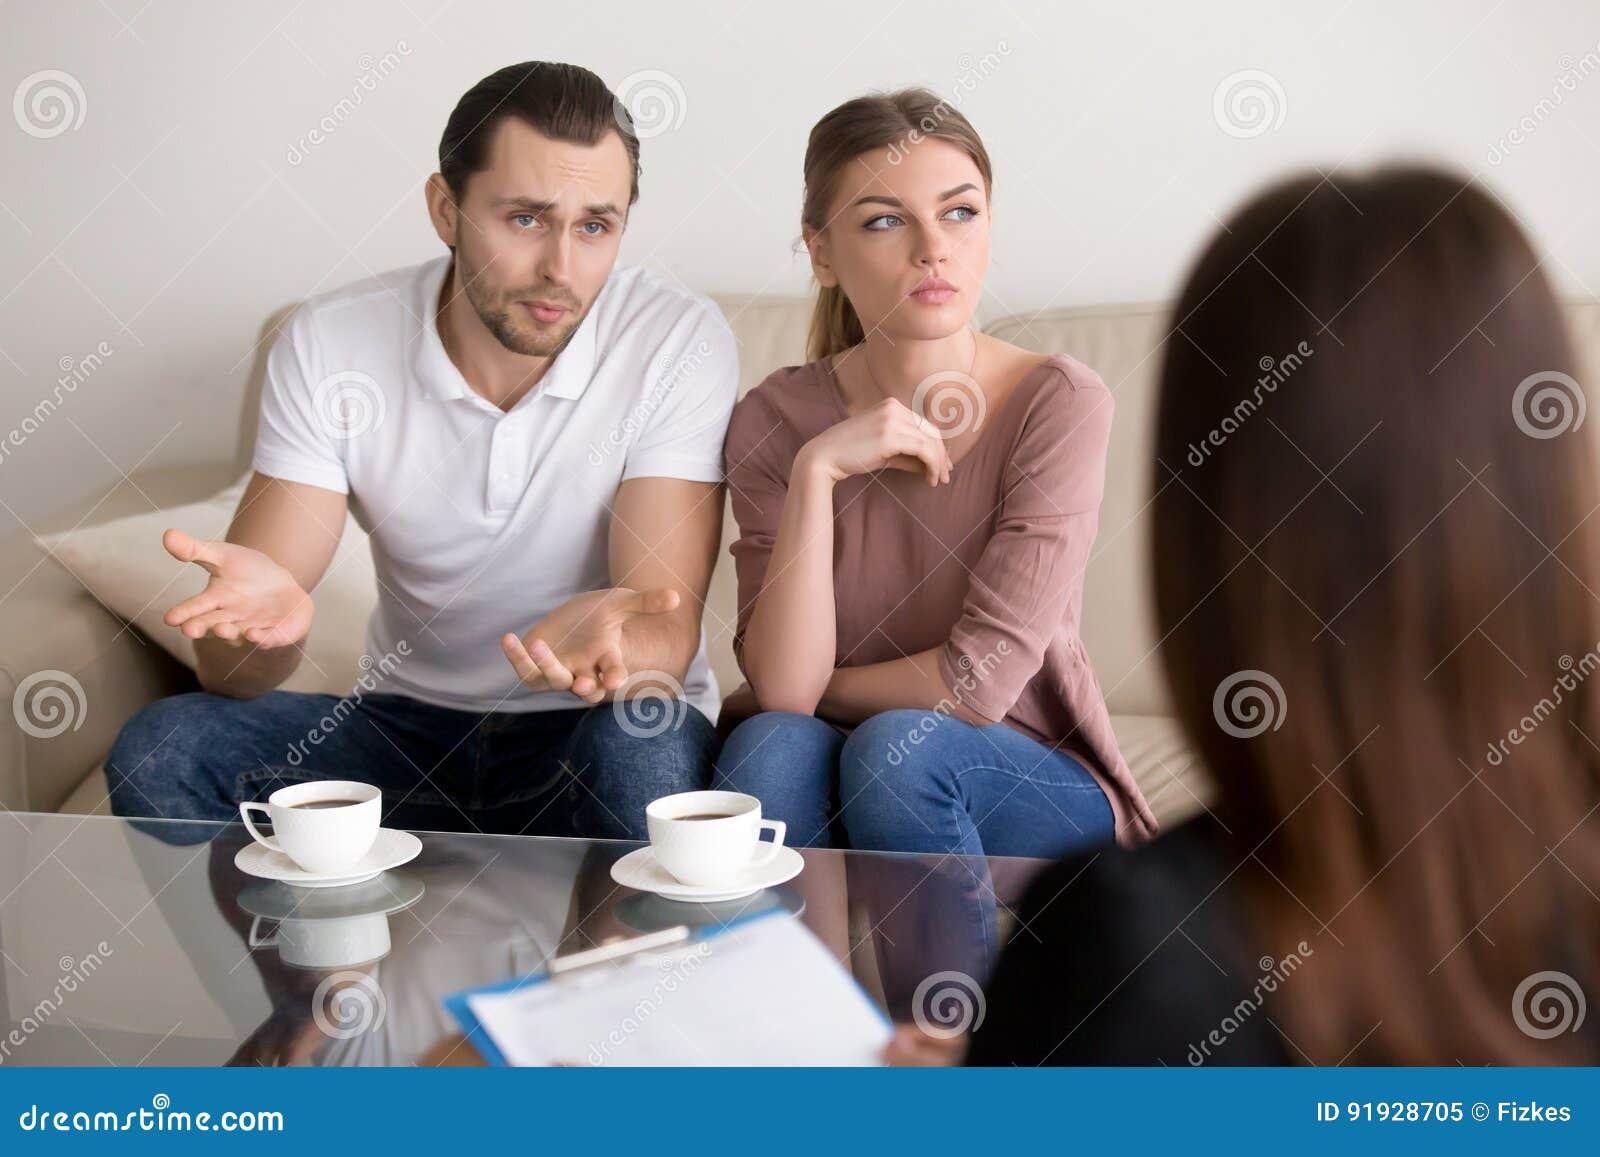 nieszczęśliwe małżeństwo randki z Santa Cruz